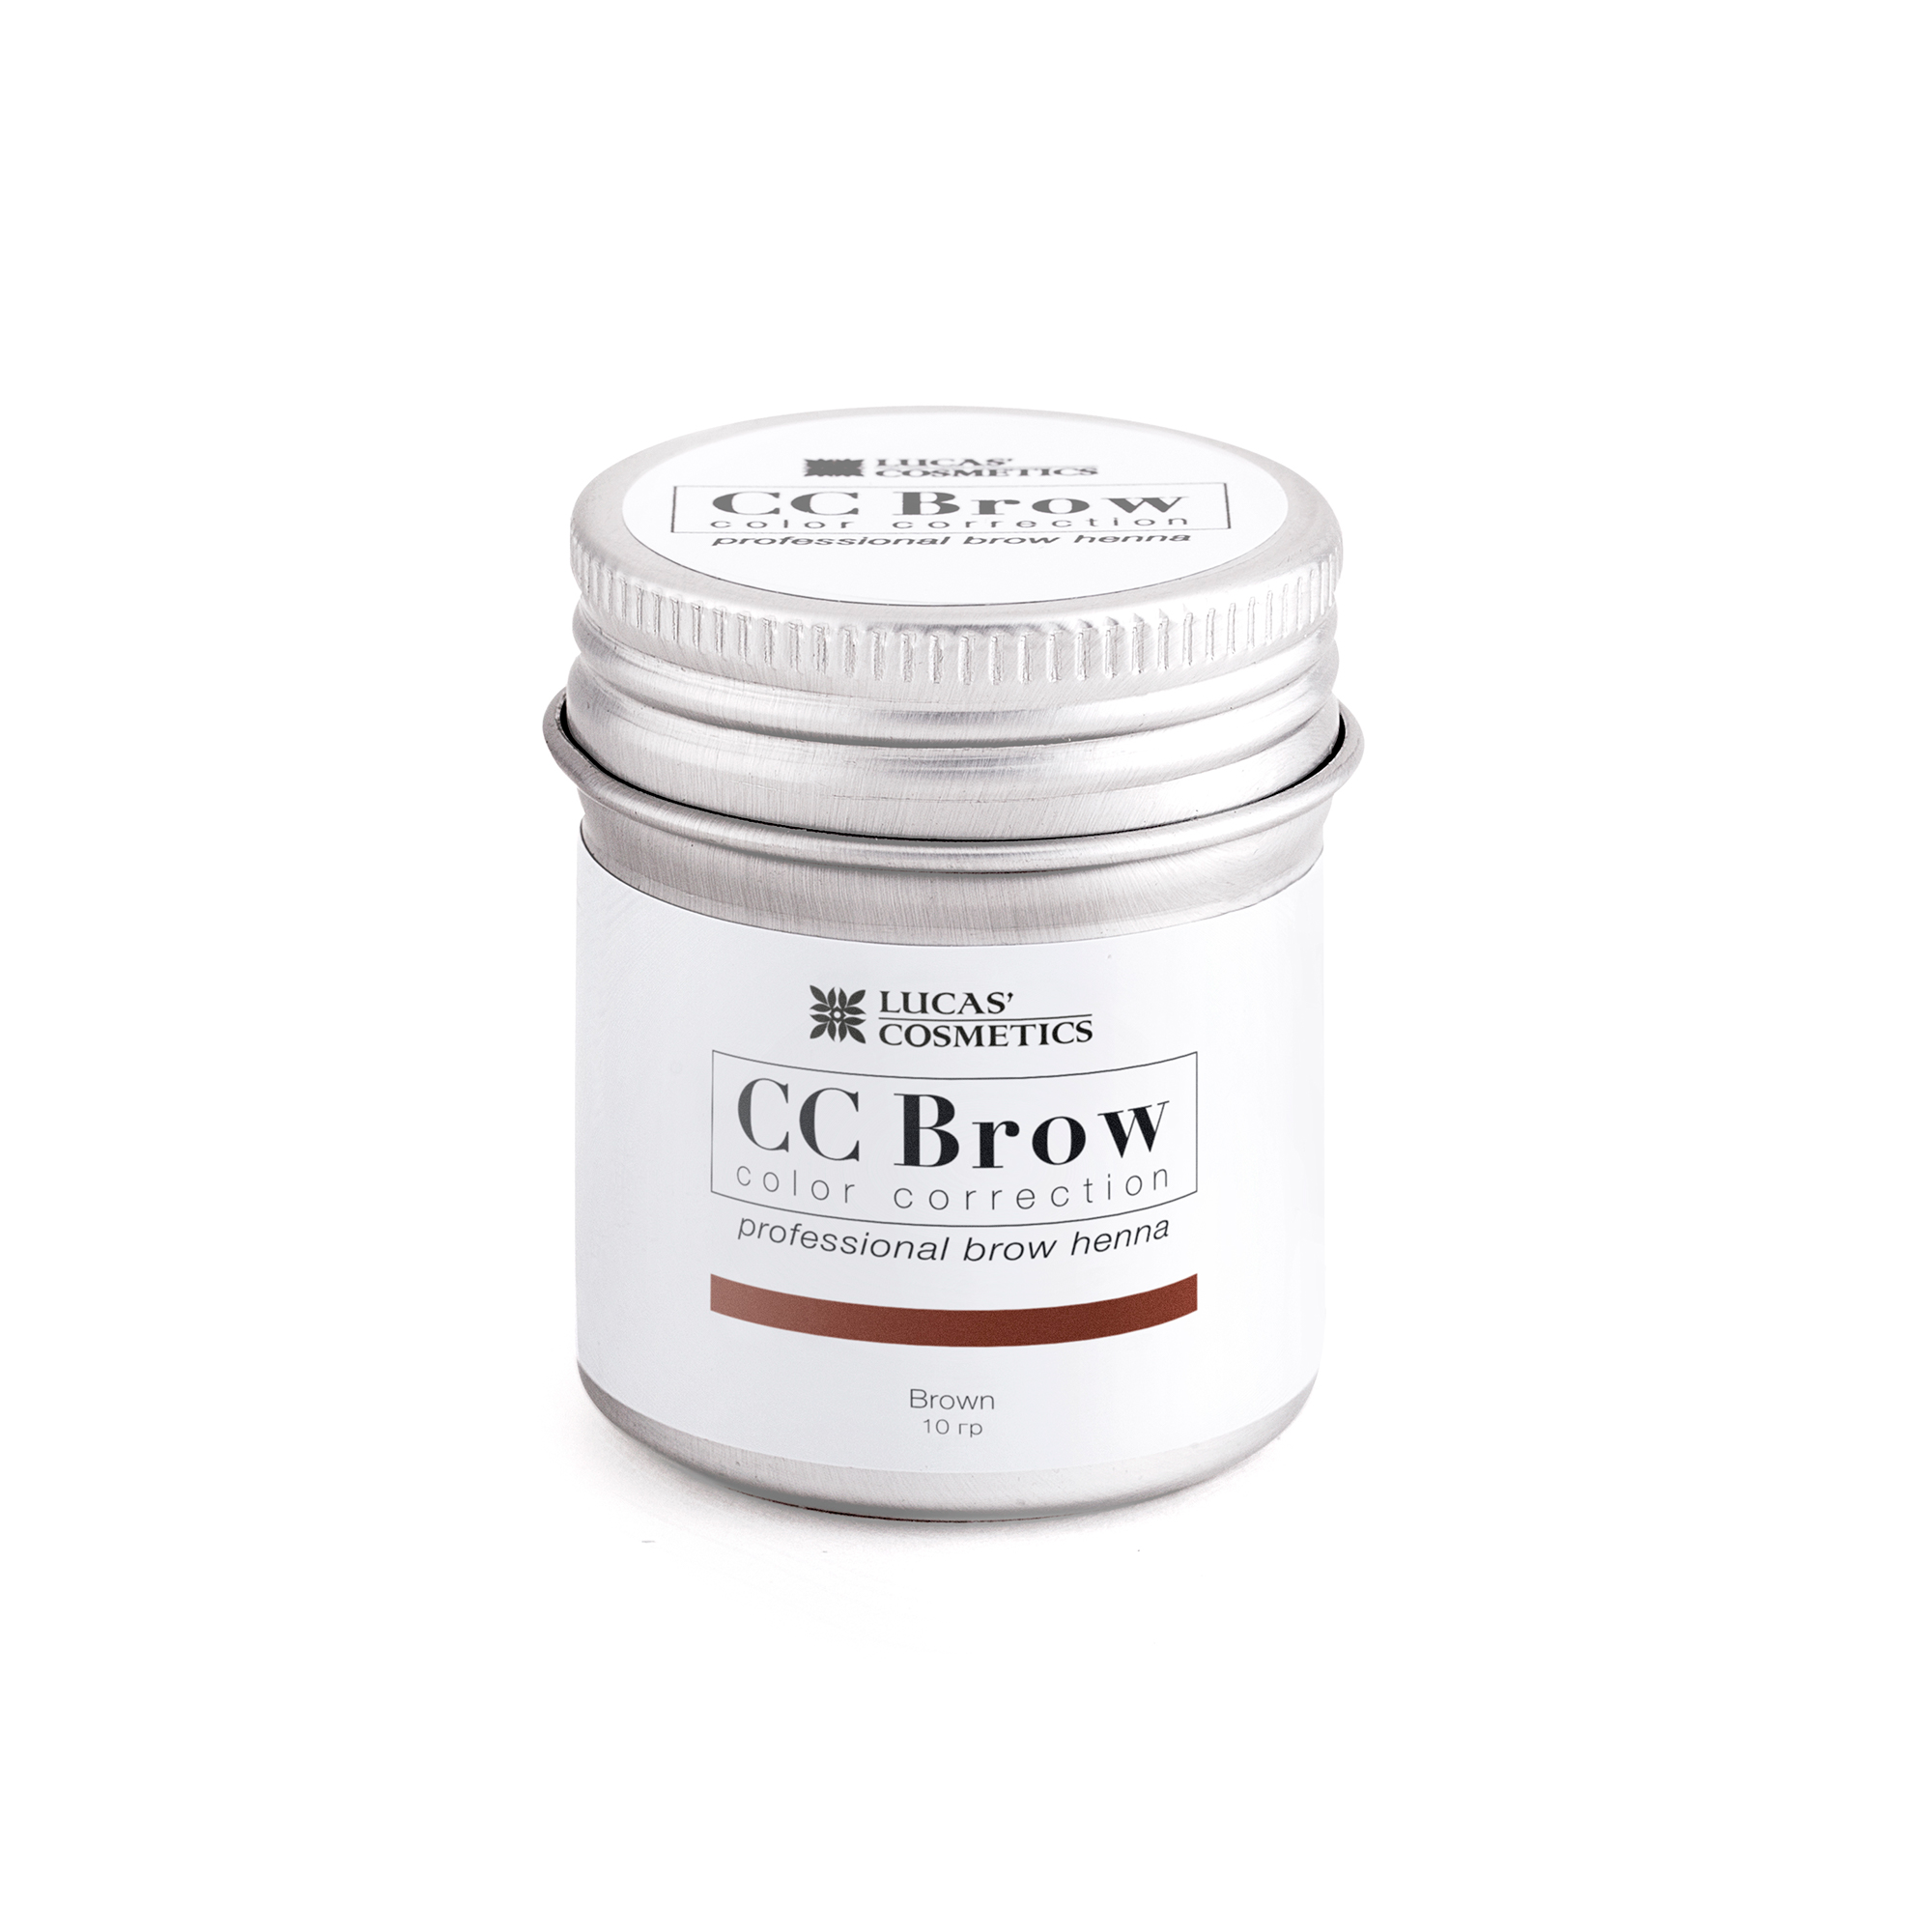 LUCAS' COSMETICS Хна для бровей, коричневый (в баночке) / CC Brow brown 10 г